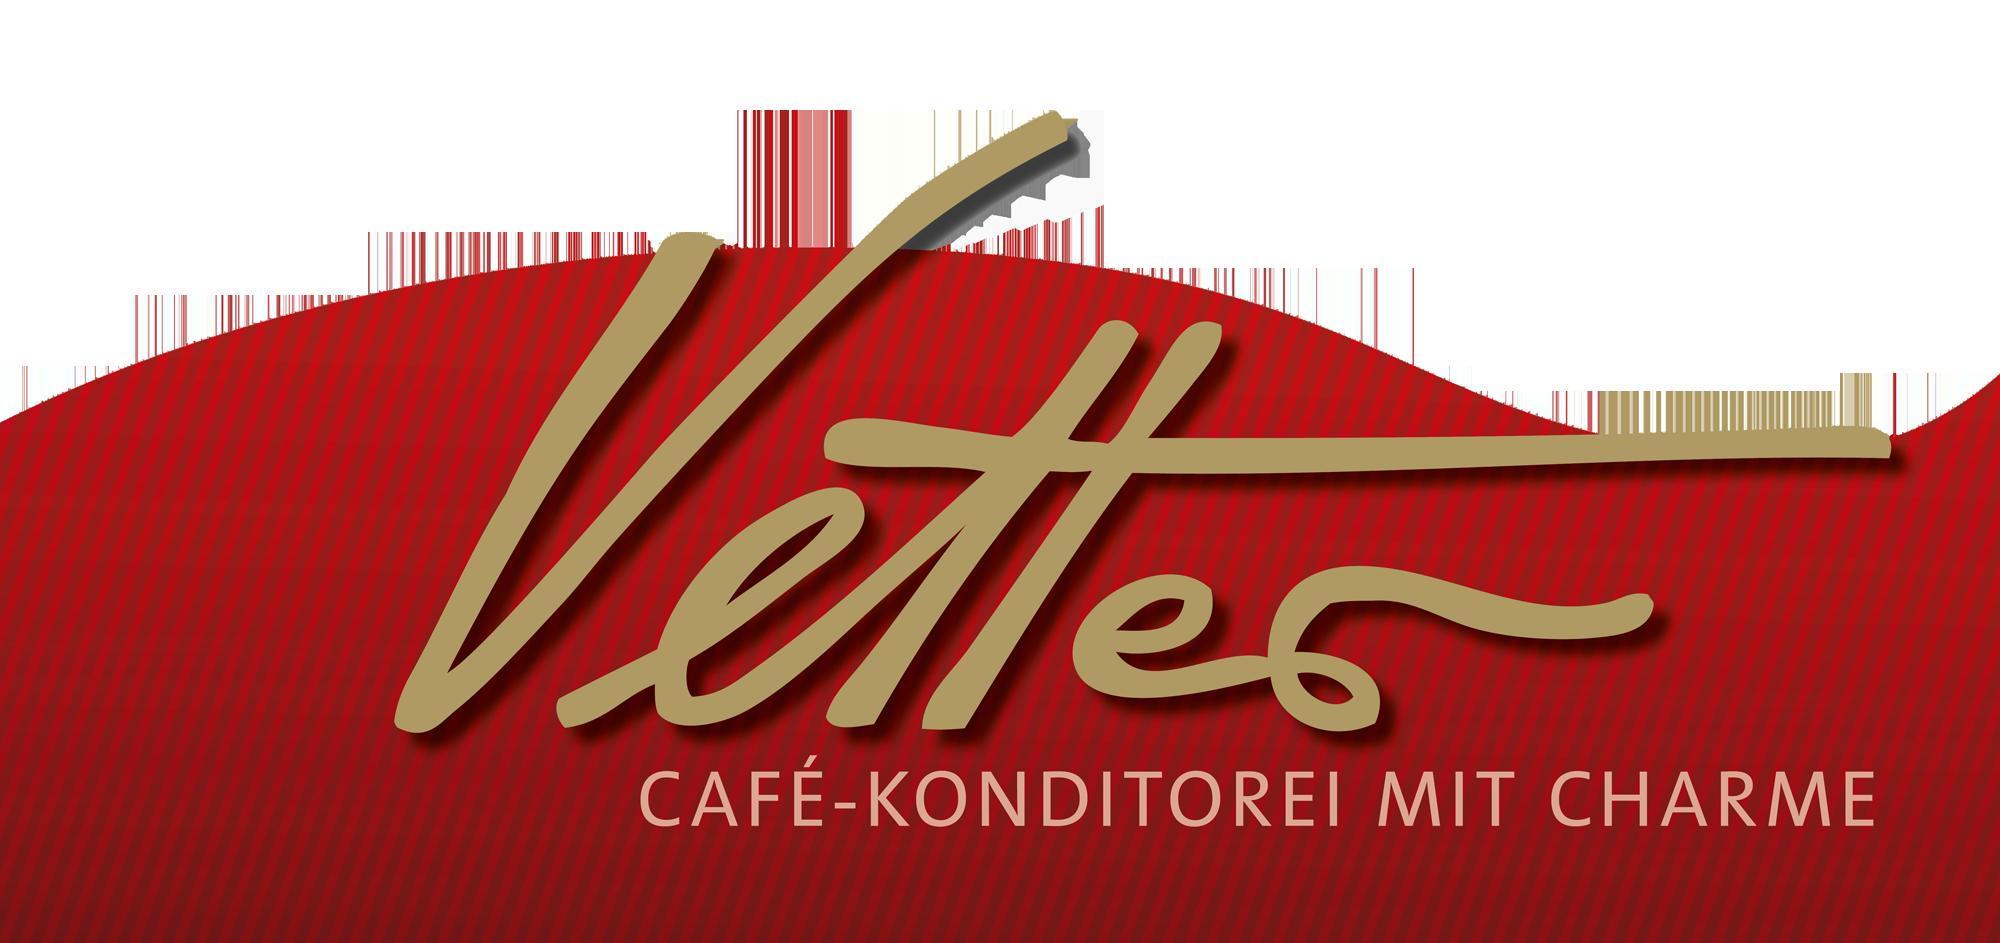 Café Vetter Marburg